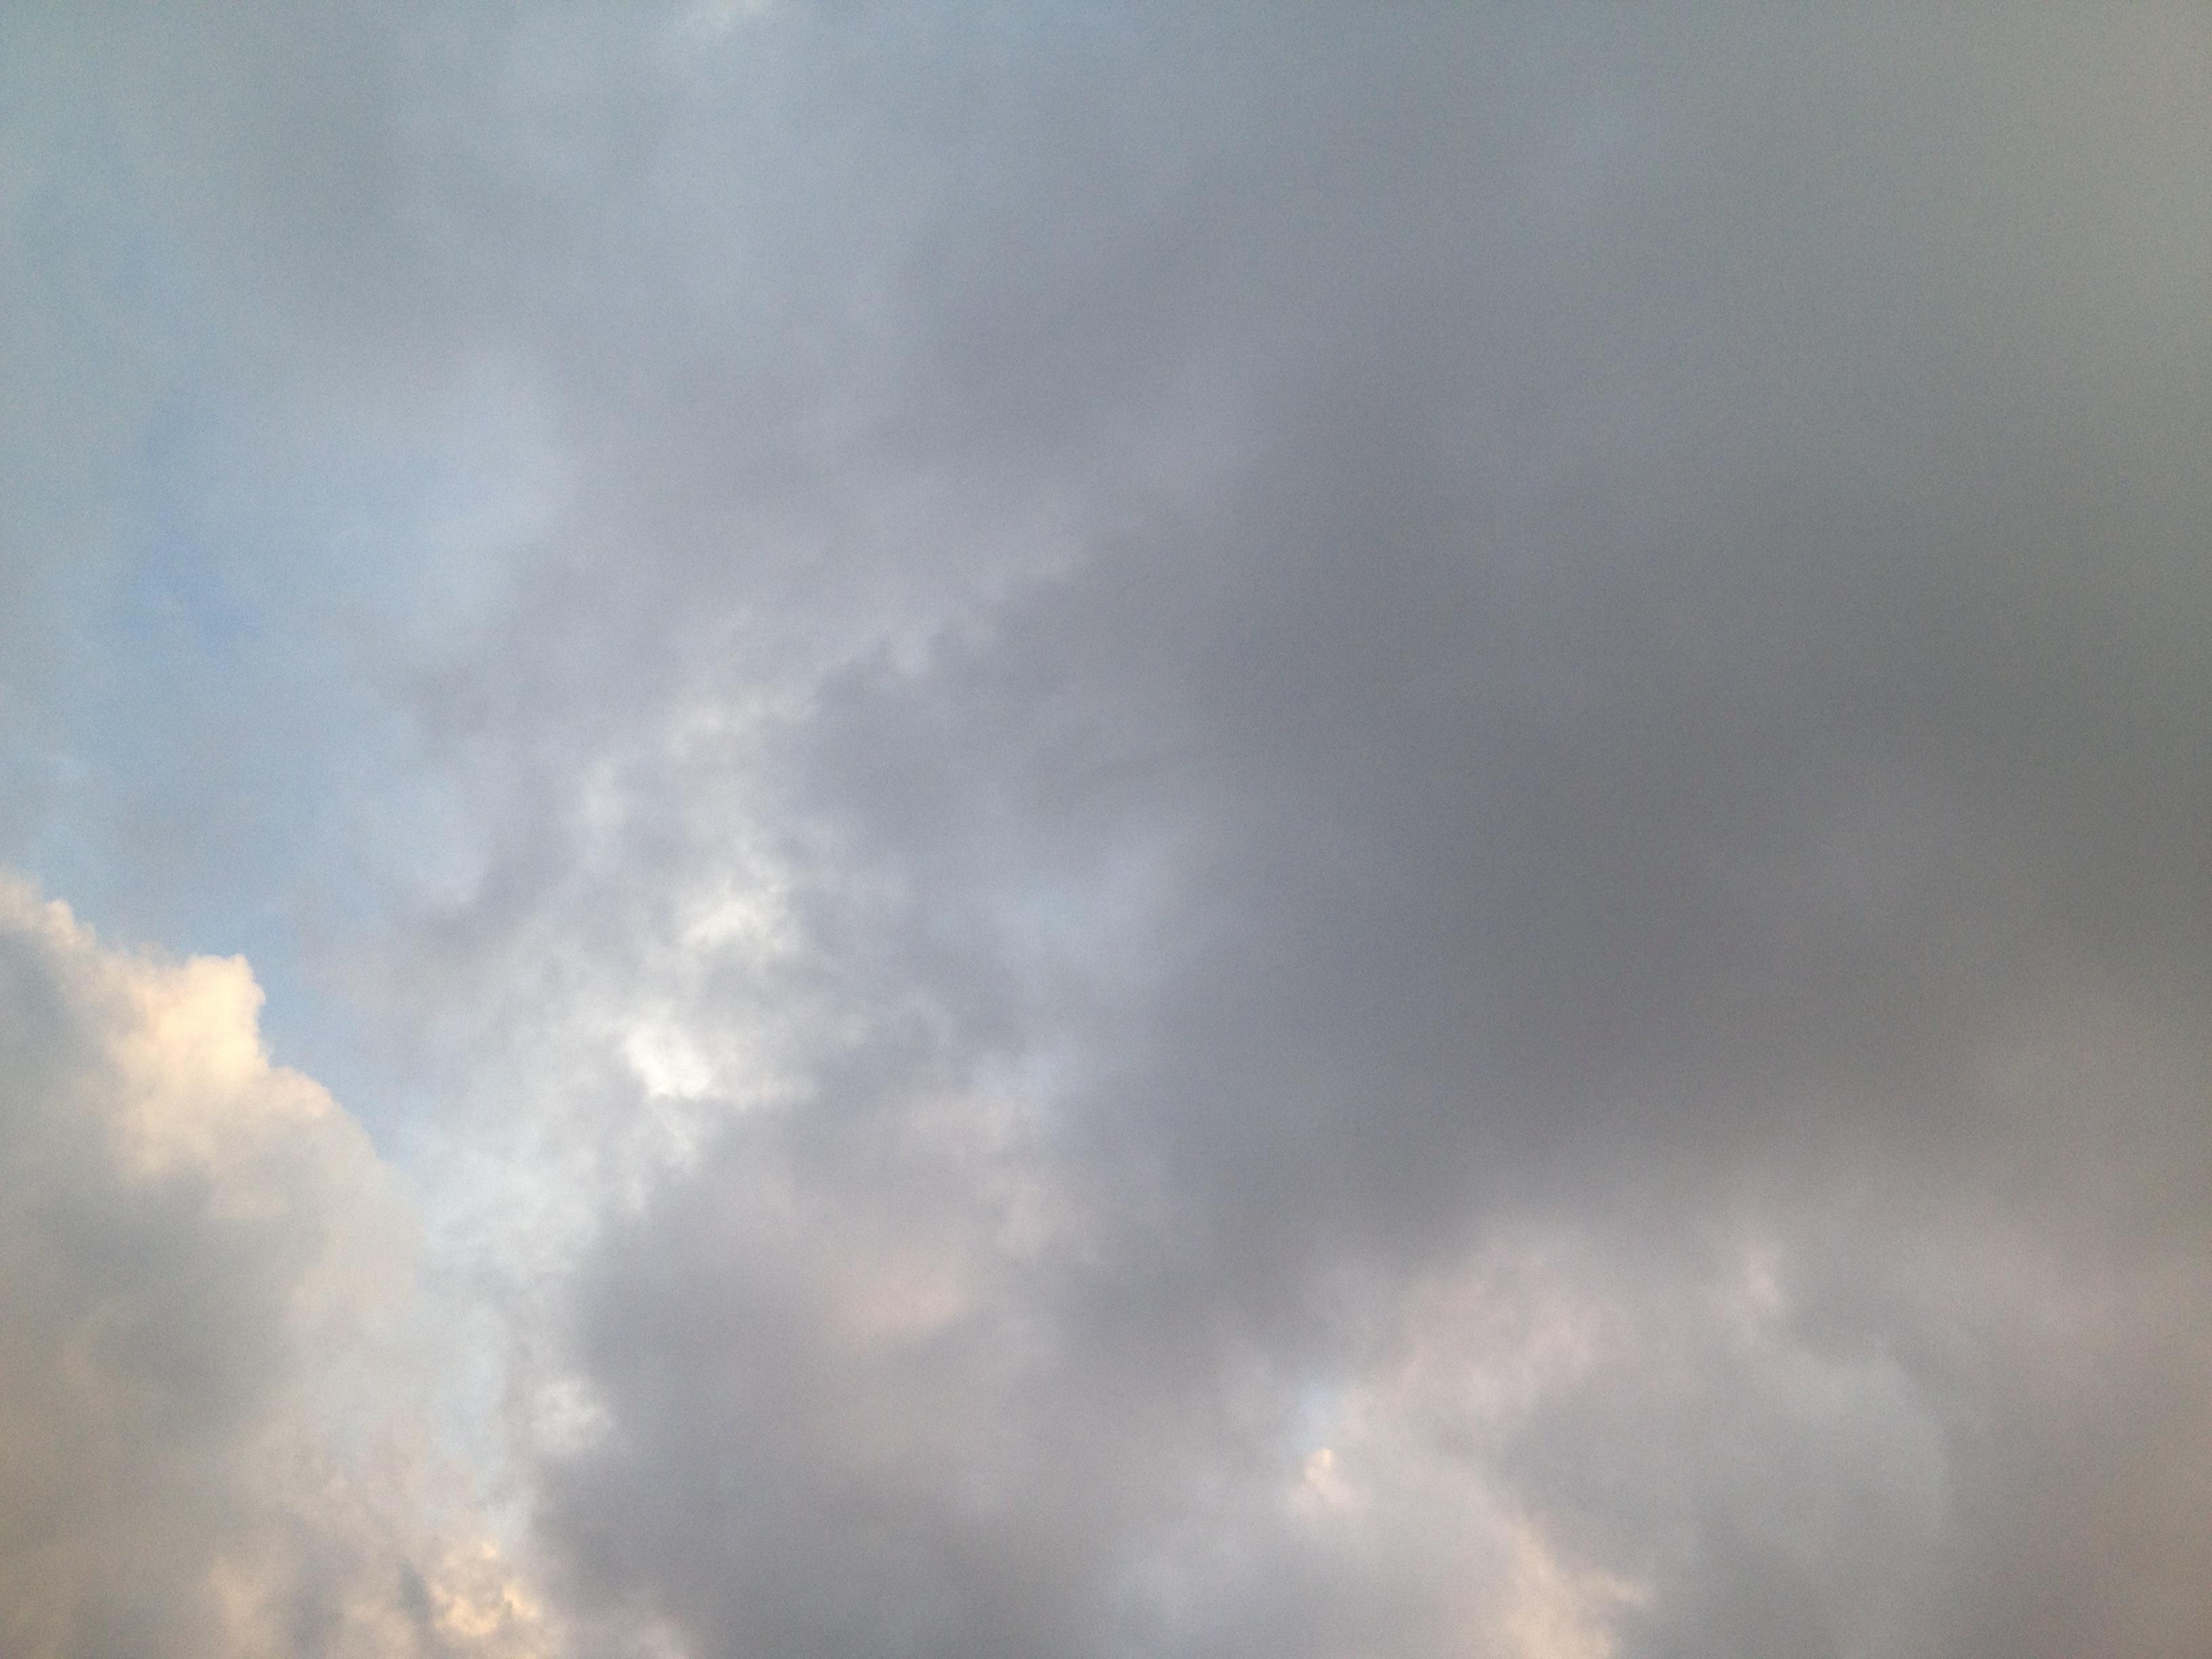 灰色の雲に覆われてる